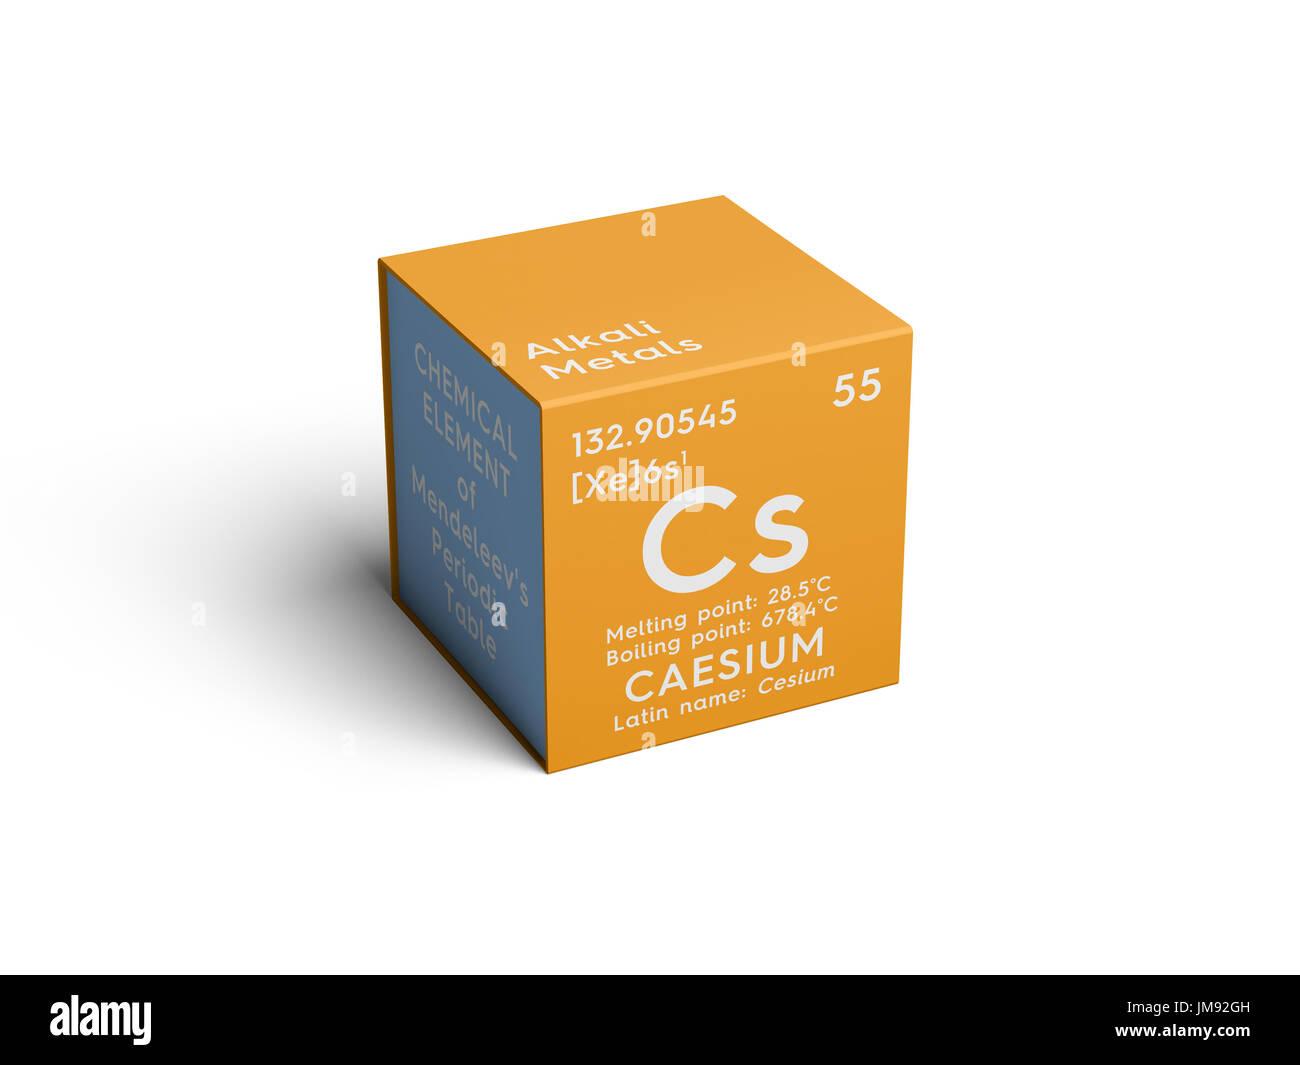 Caesium cesium alkali metals chemical element of mendeleevs caesium cesium alkali metals chemical element of mendeleevs periodic table caesium in gamestrikefo Choice Image